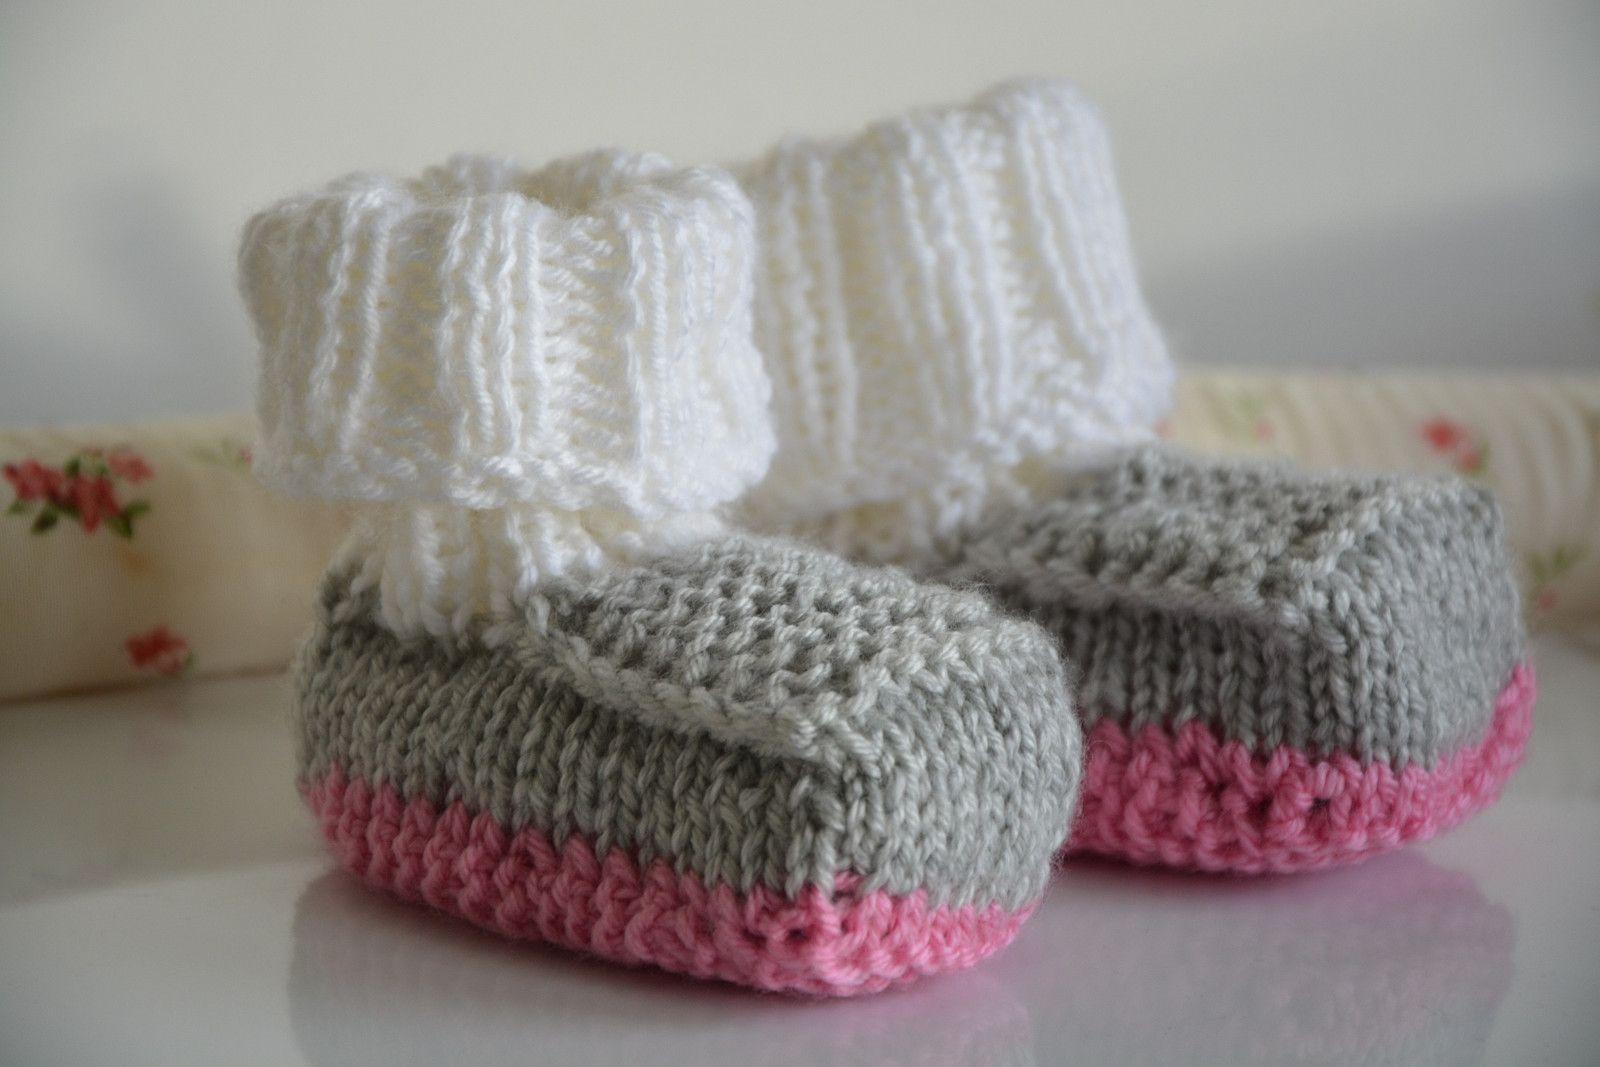 17f7b8c5cf2 Pletené+botičky-růžové+Upletla+jsem+pro+Vás+botičky pro+holčičky+